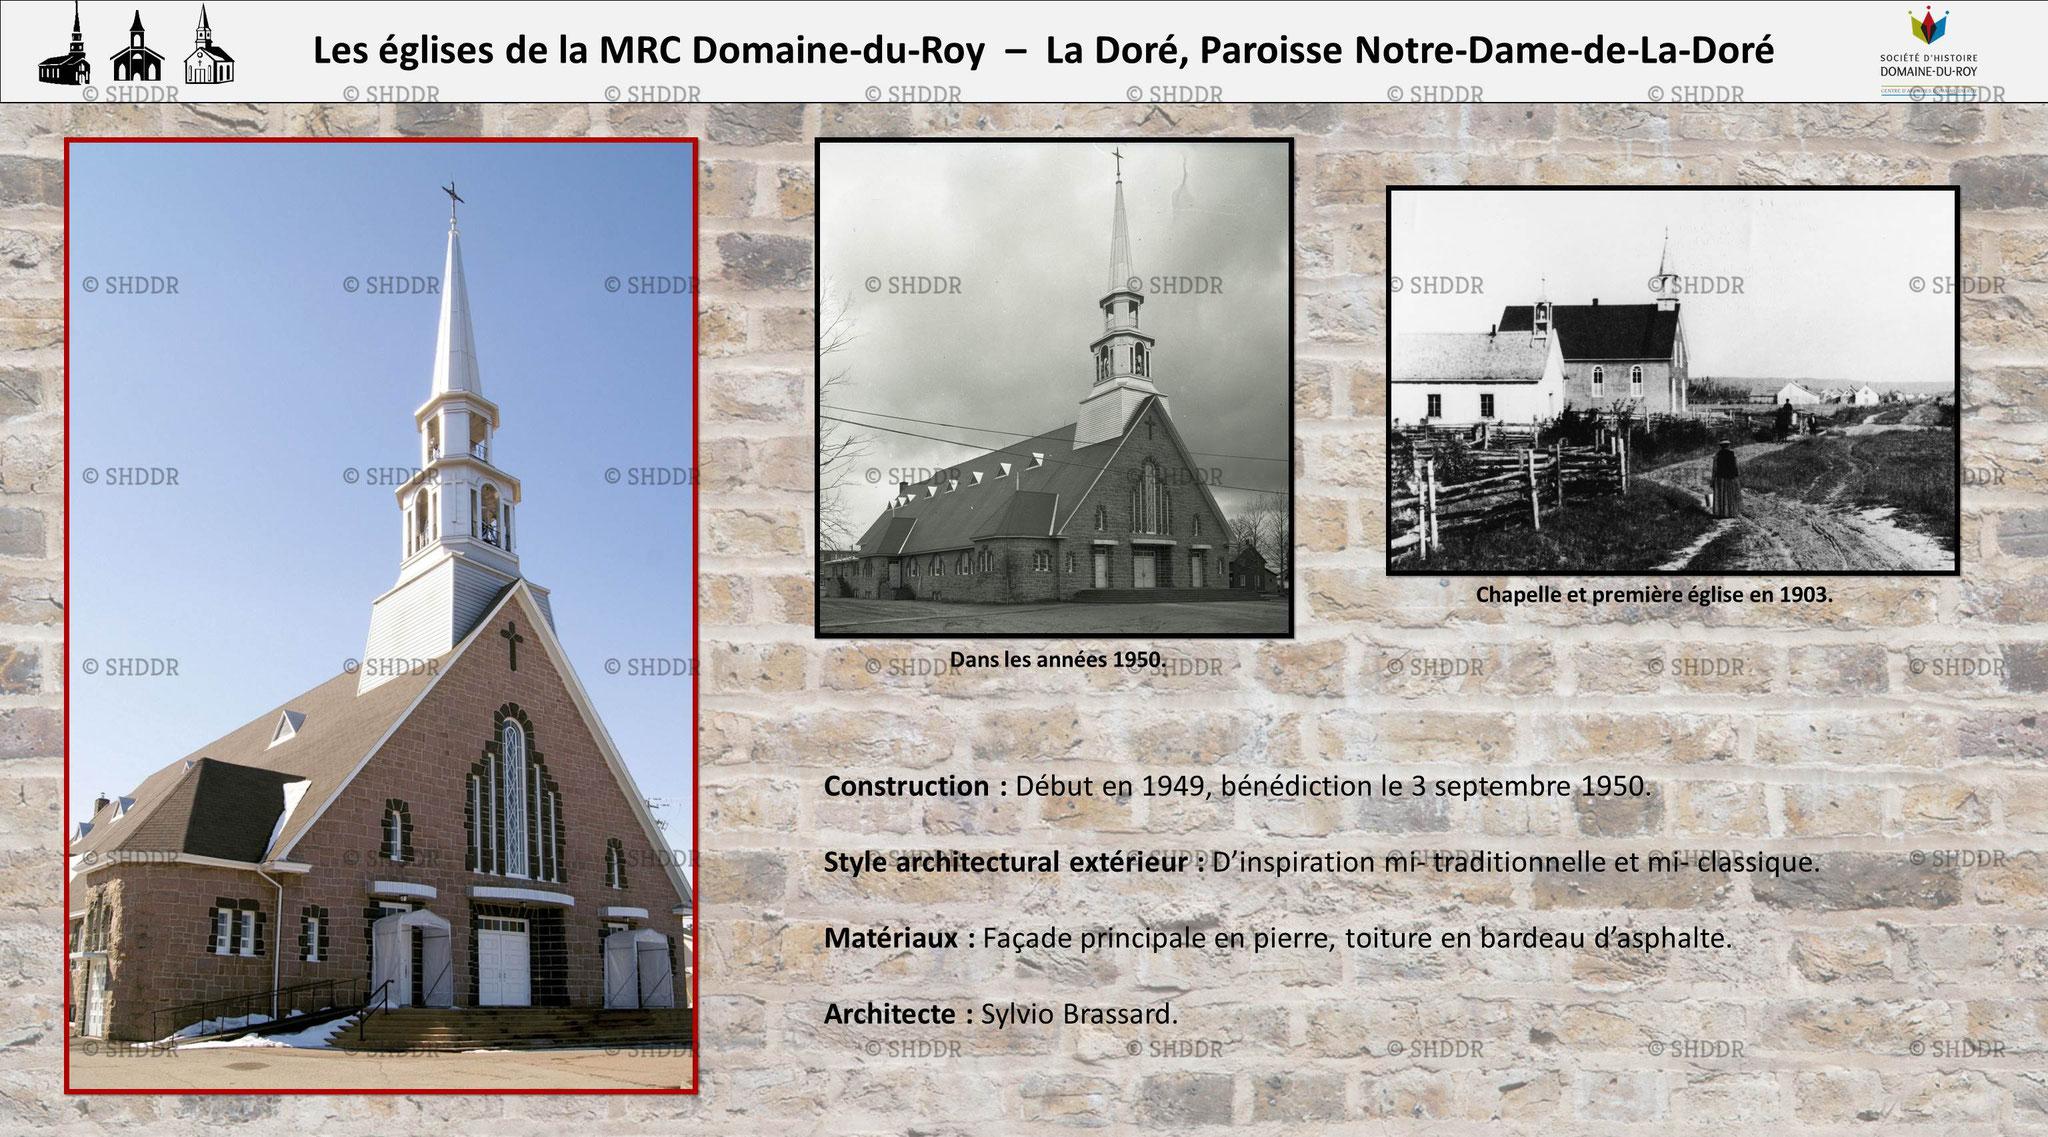 La Doré - Paroisse Notre-Dame-de-La-Doré